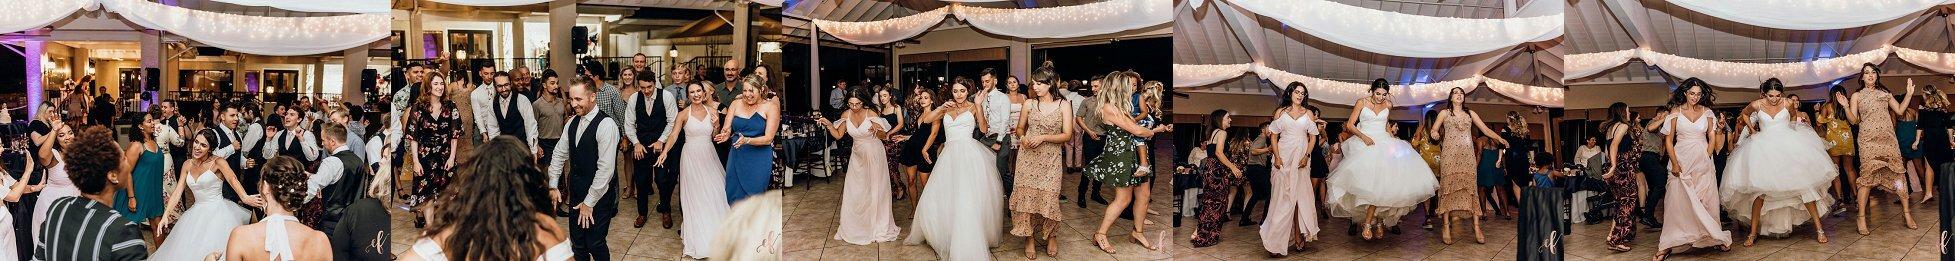 San Diego Wedding Photography Steele Canyon Golf Club_0091.jpg